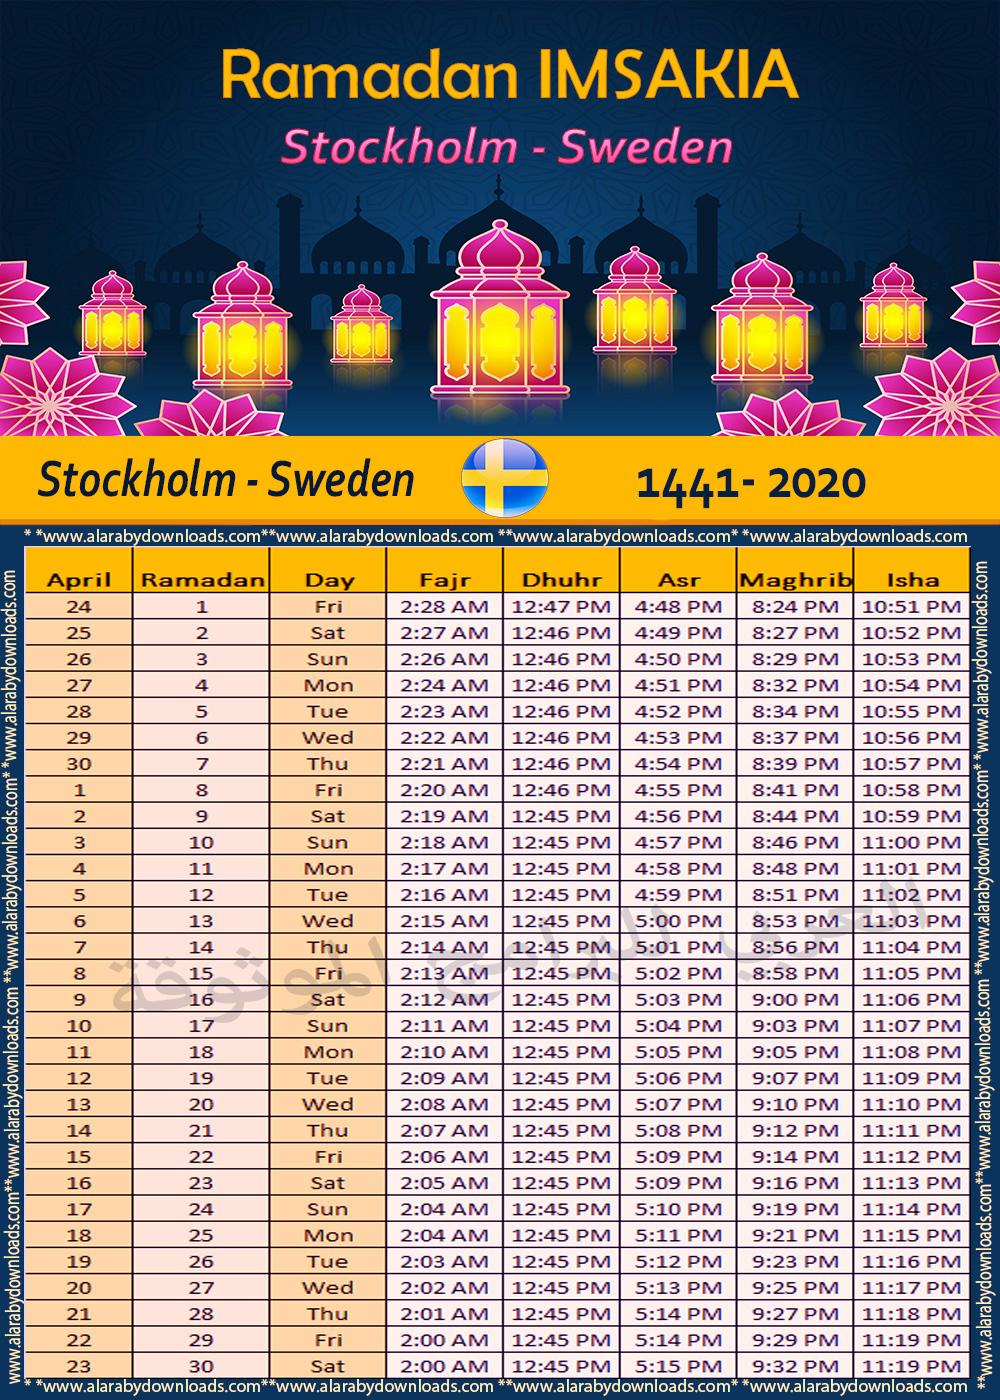 تحميل امساكية رمضان 2020 ستوكهولم السويد تقويم 1441 Ramadan Imsakia Stockholm Sweden